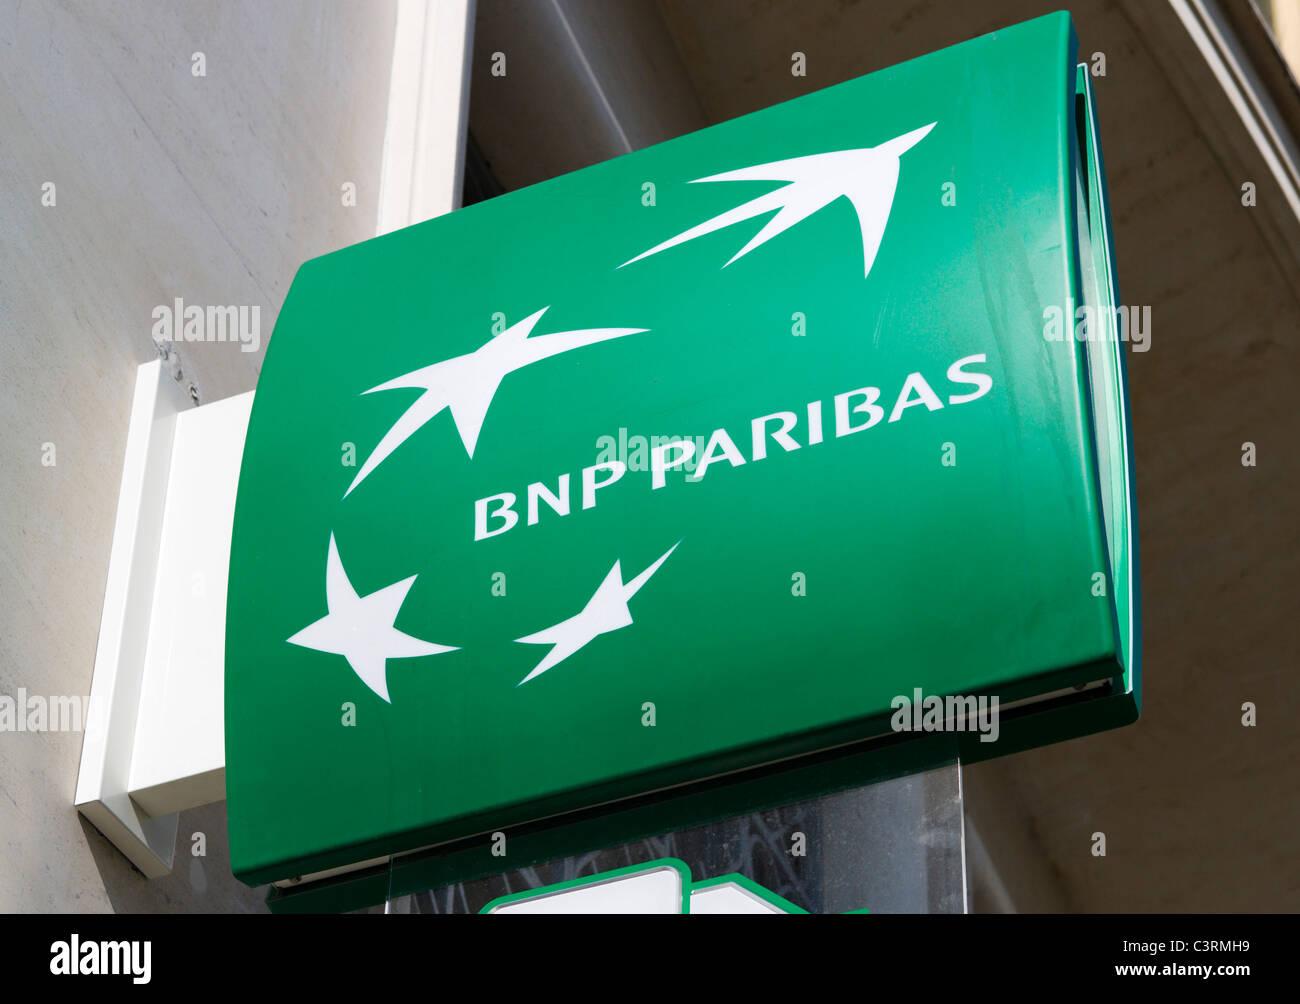 58f2b251513 La Banque BNP Paribas